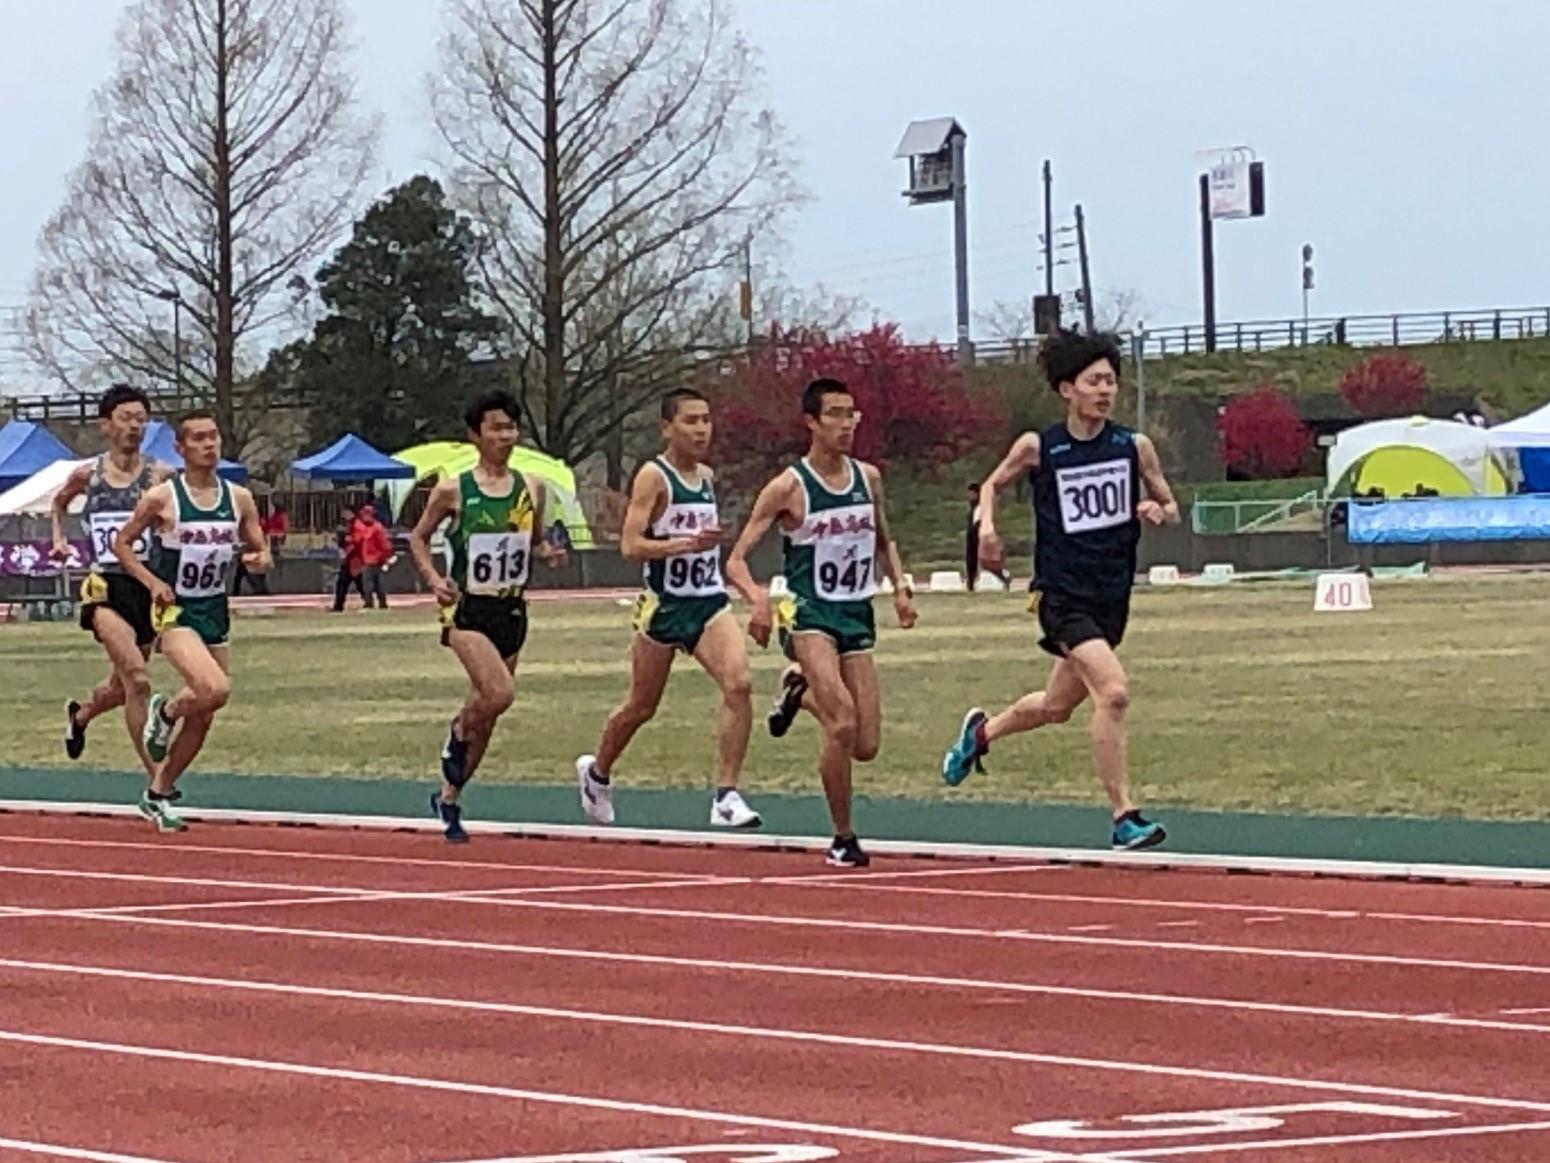 2019.4.21  一般男子  5000m